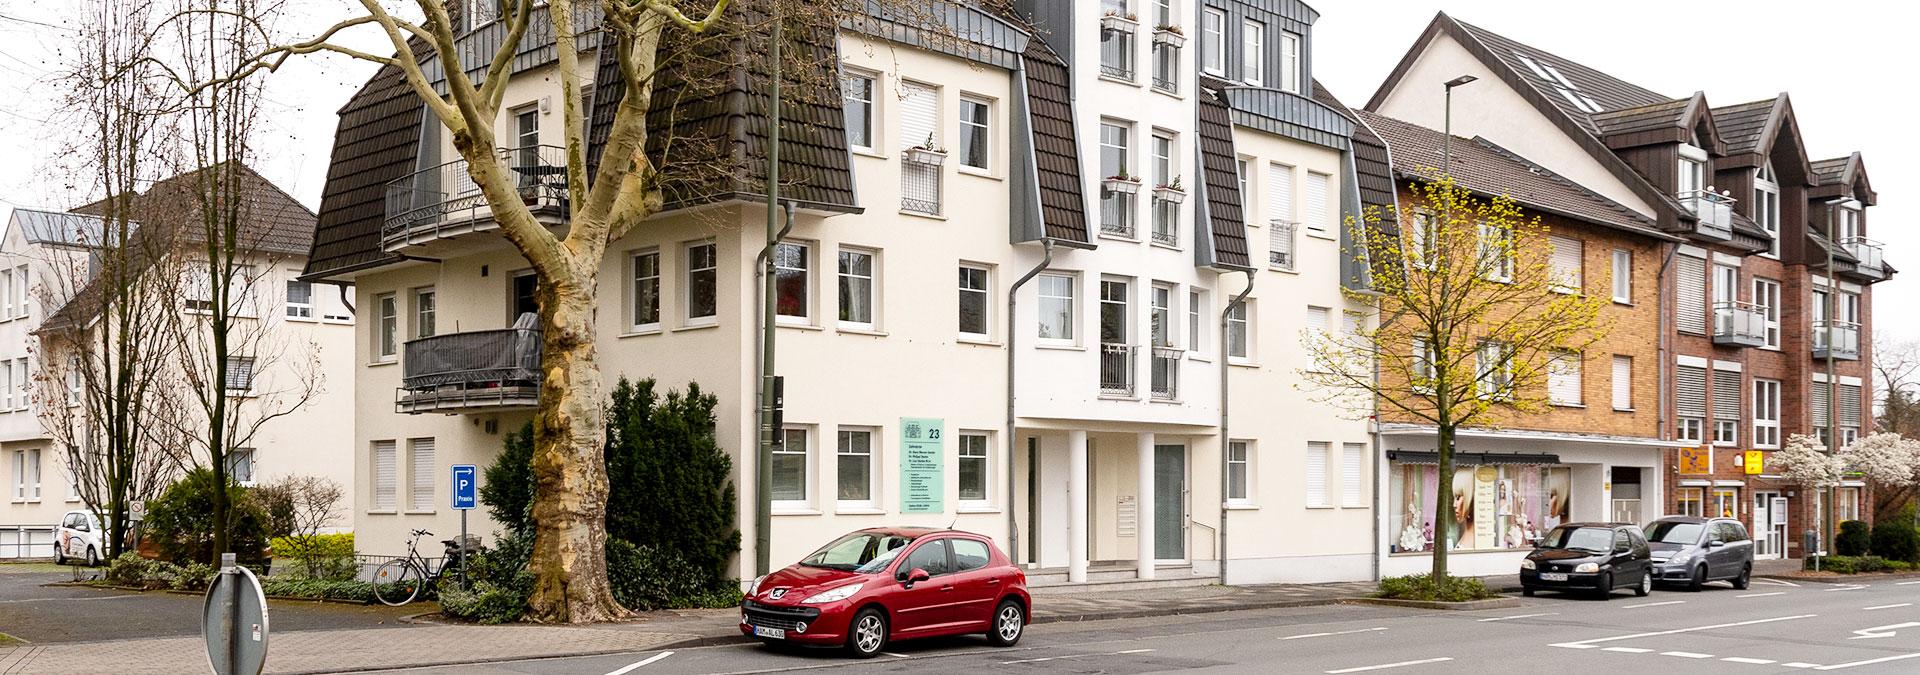 Alle unter einem Dach - Dr. Stanke & Kollegen - Ihre Zahnarztpraxis mit eigenem Dentallabor in Hamm.